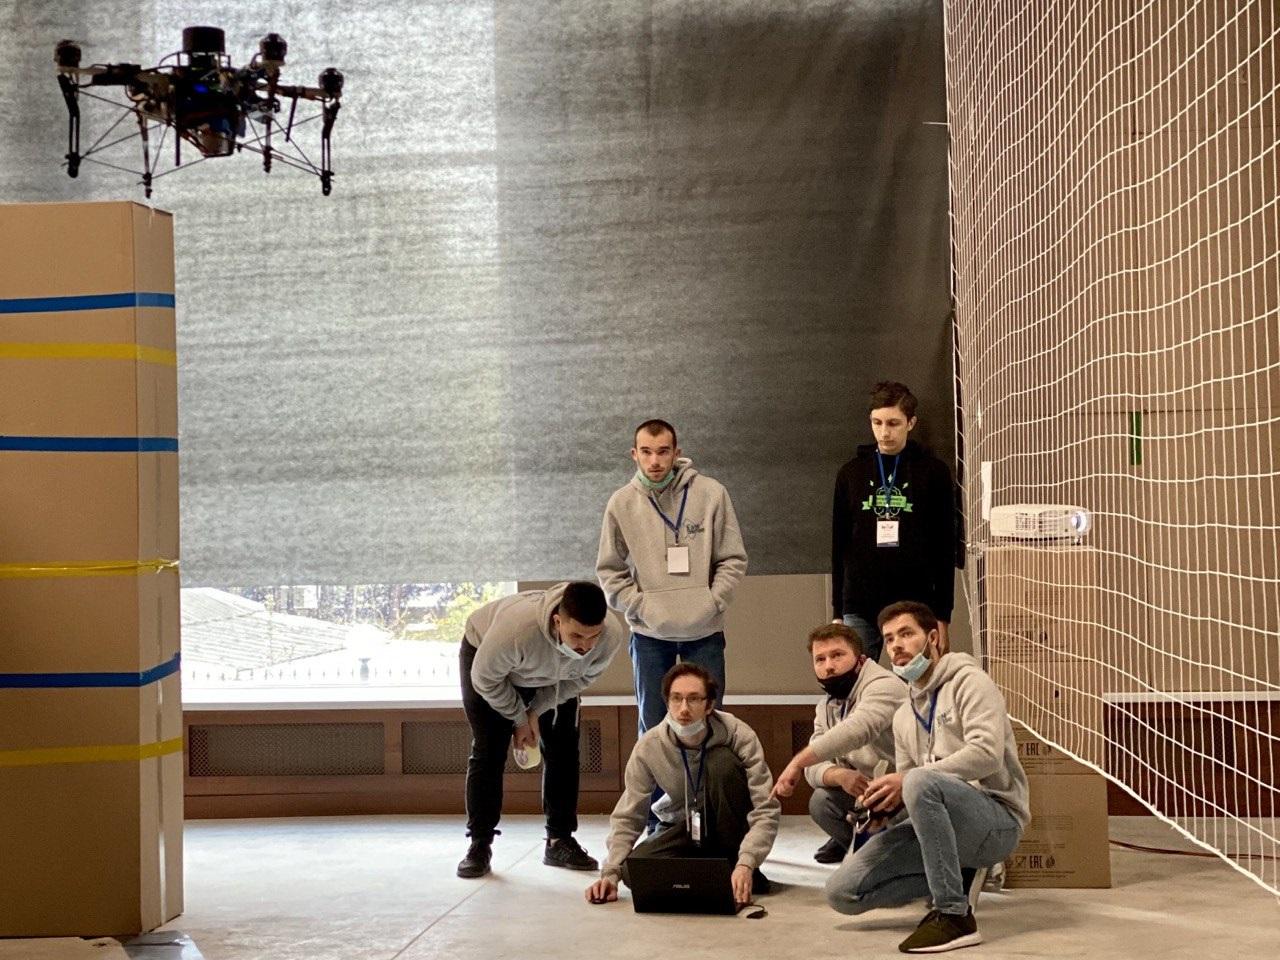 Дрон и команда ИЦ ИУ РАН и Fast Sense Studio (Москва) с нашим шпионом